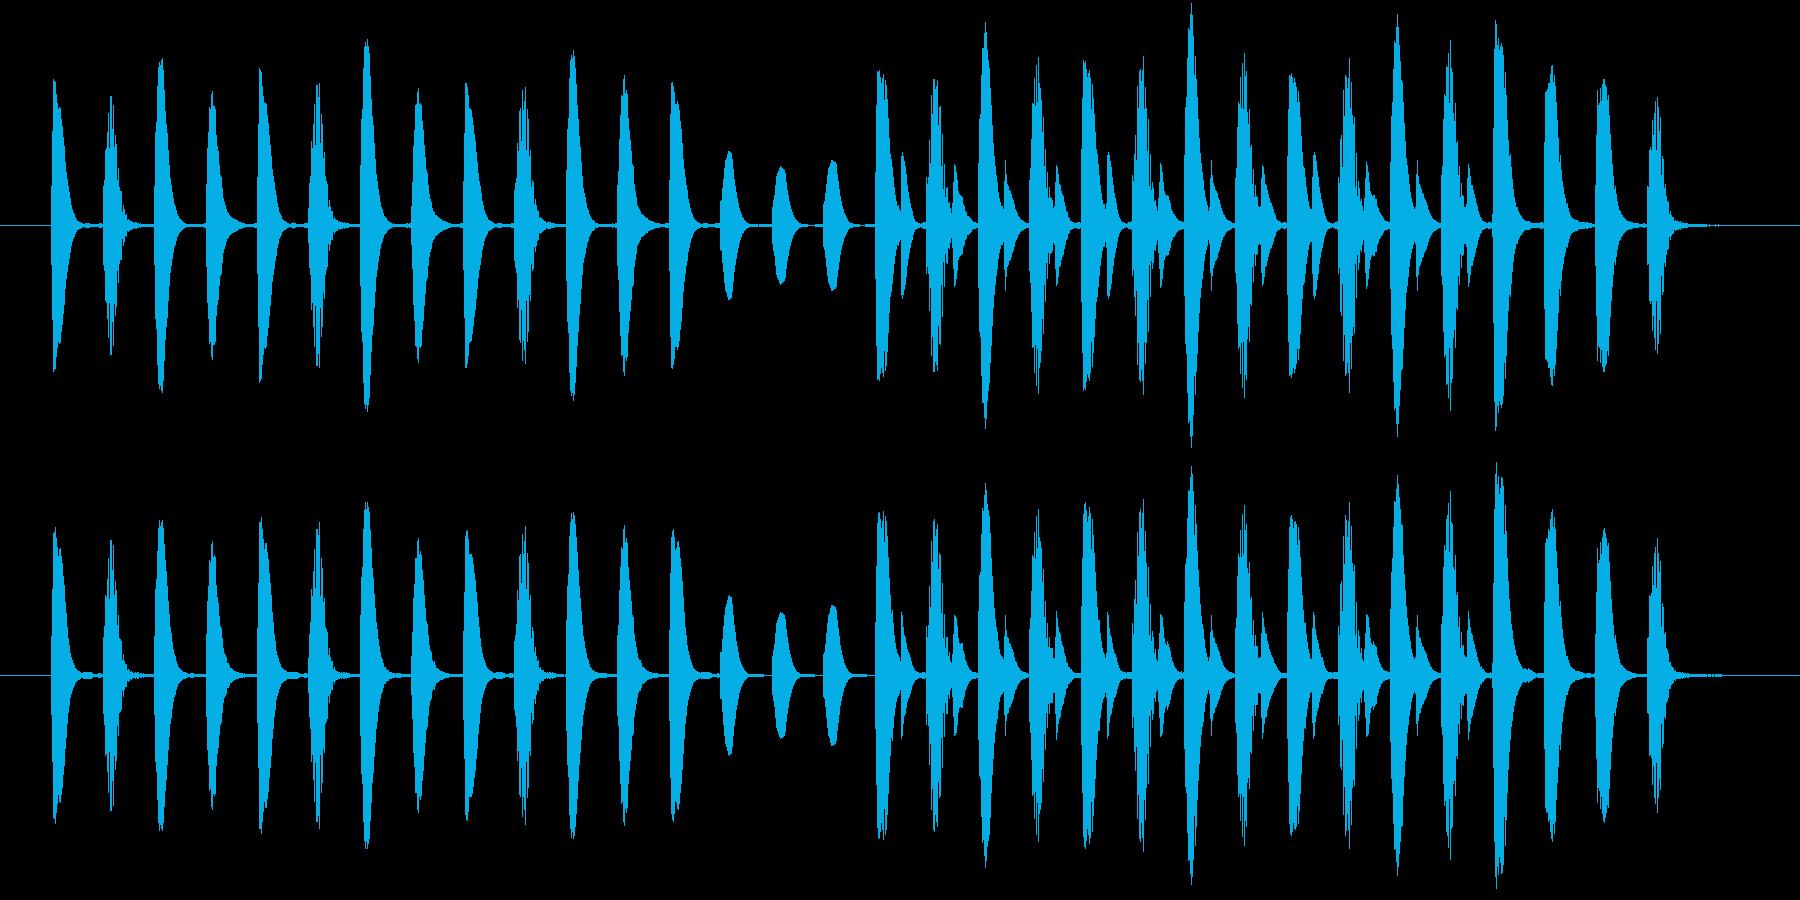 ほのぼのした場面切り替えなどに使える曲の再生済みの波形